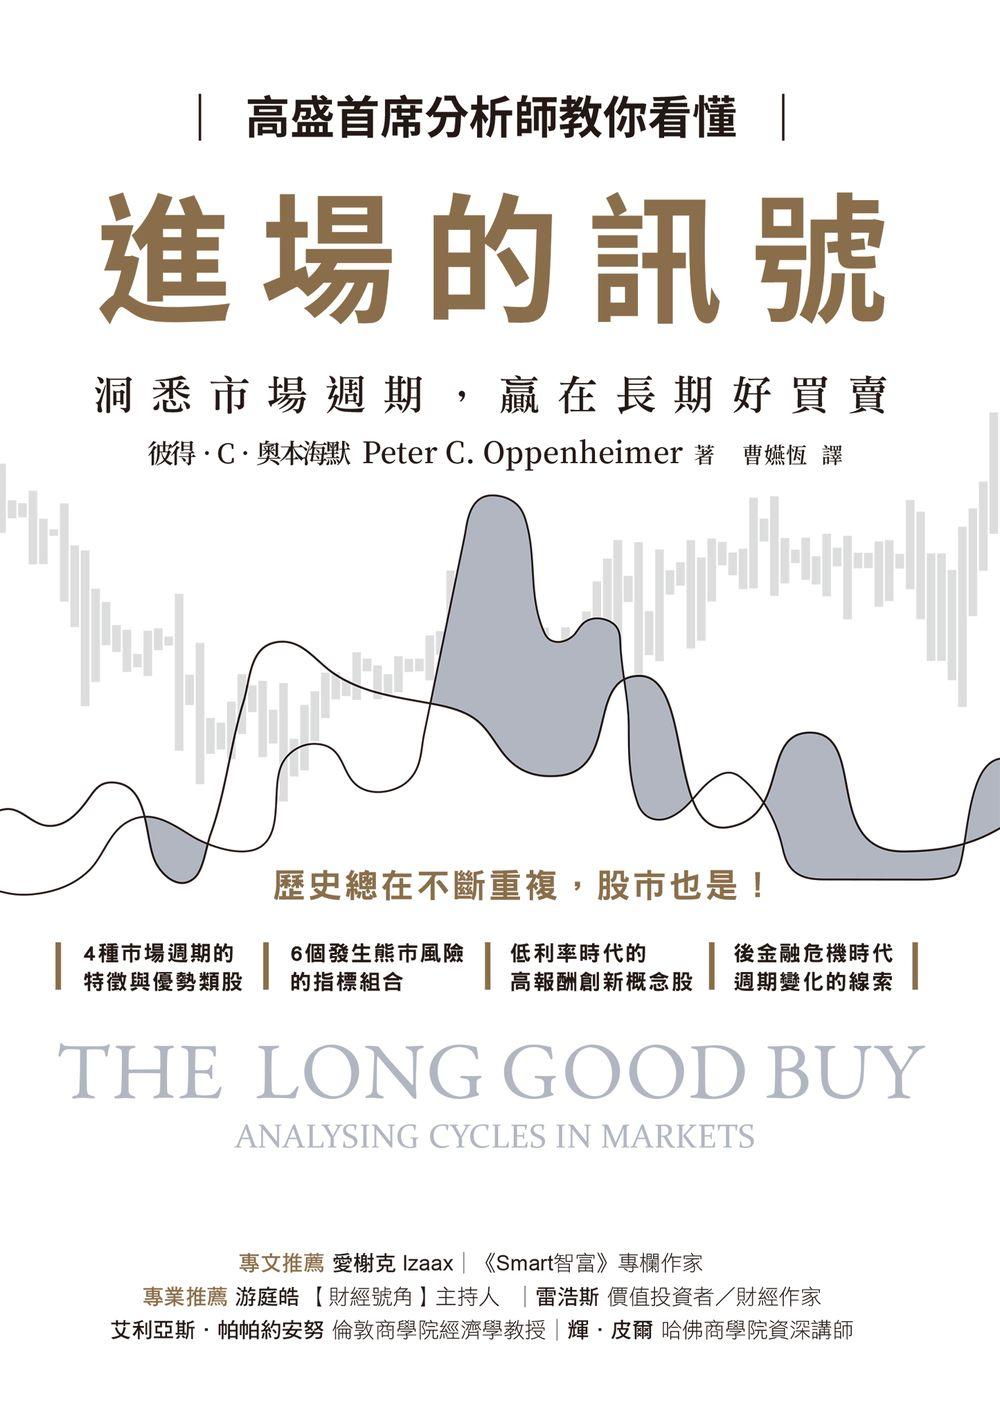 高盛首席分析師教你看懂進場的訊號:洞悉市場週期,贏在長期好買賣 (電子書)